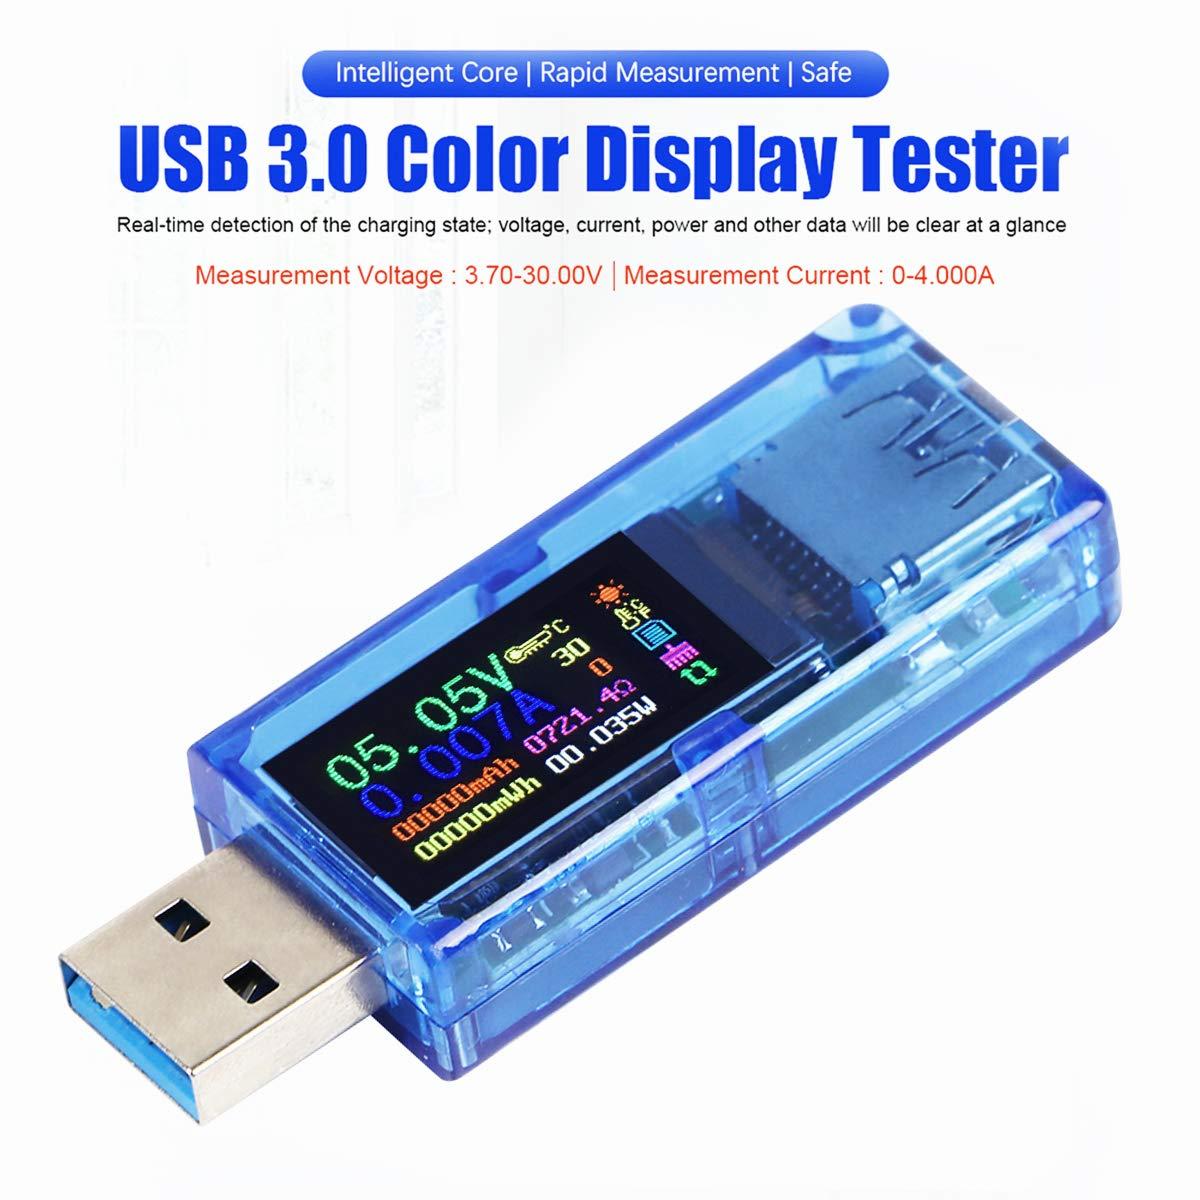 USB 3.0 Testeur Multimètre 3.7-30 V 0-4A USB Testeur de Tension USB Numérique Courant et Voltage Testeur Mètre Voltmètre Ampèremètre IPS Couleur Capacité D'affichage Puissance Chargeur Détecteur AT34